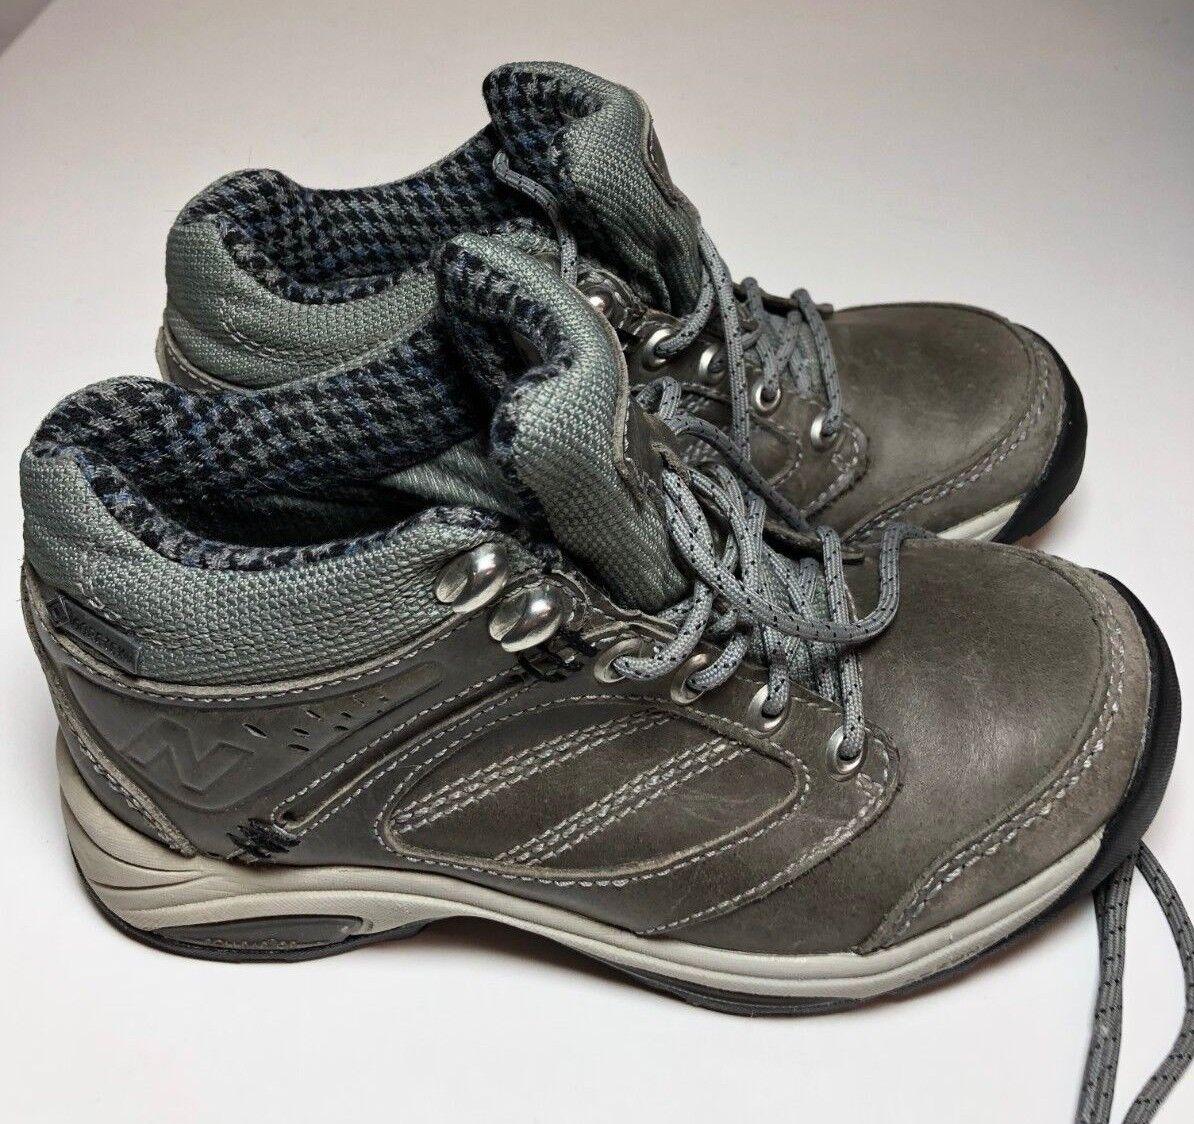 New Balance gris Para Mujer botas Para Excursionismo Excursionismo Excursionismo país WW1569 Caminar Zapatos Talla 6 16755e